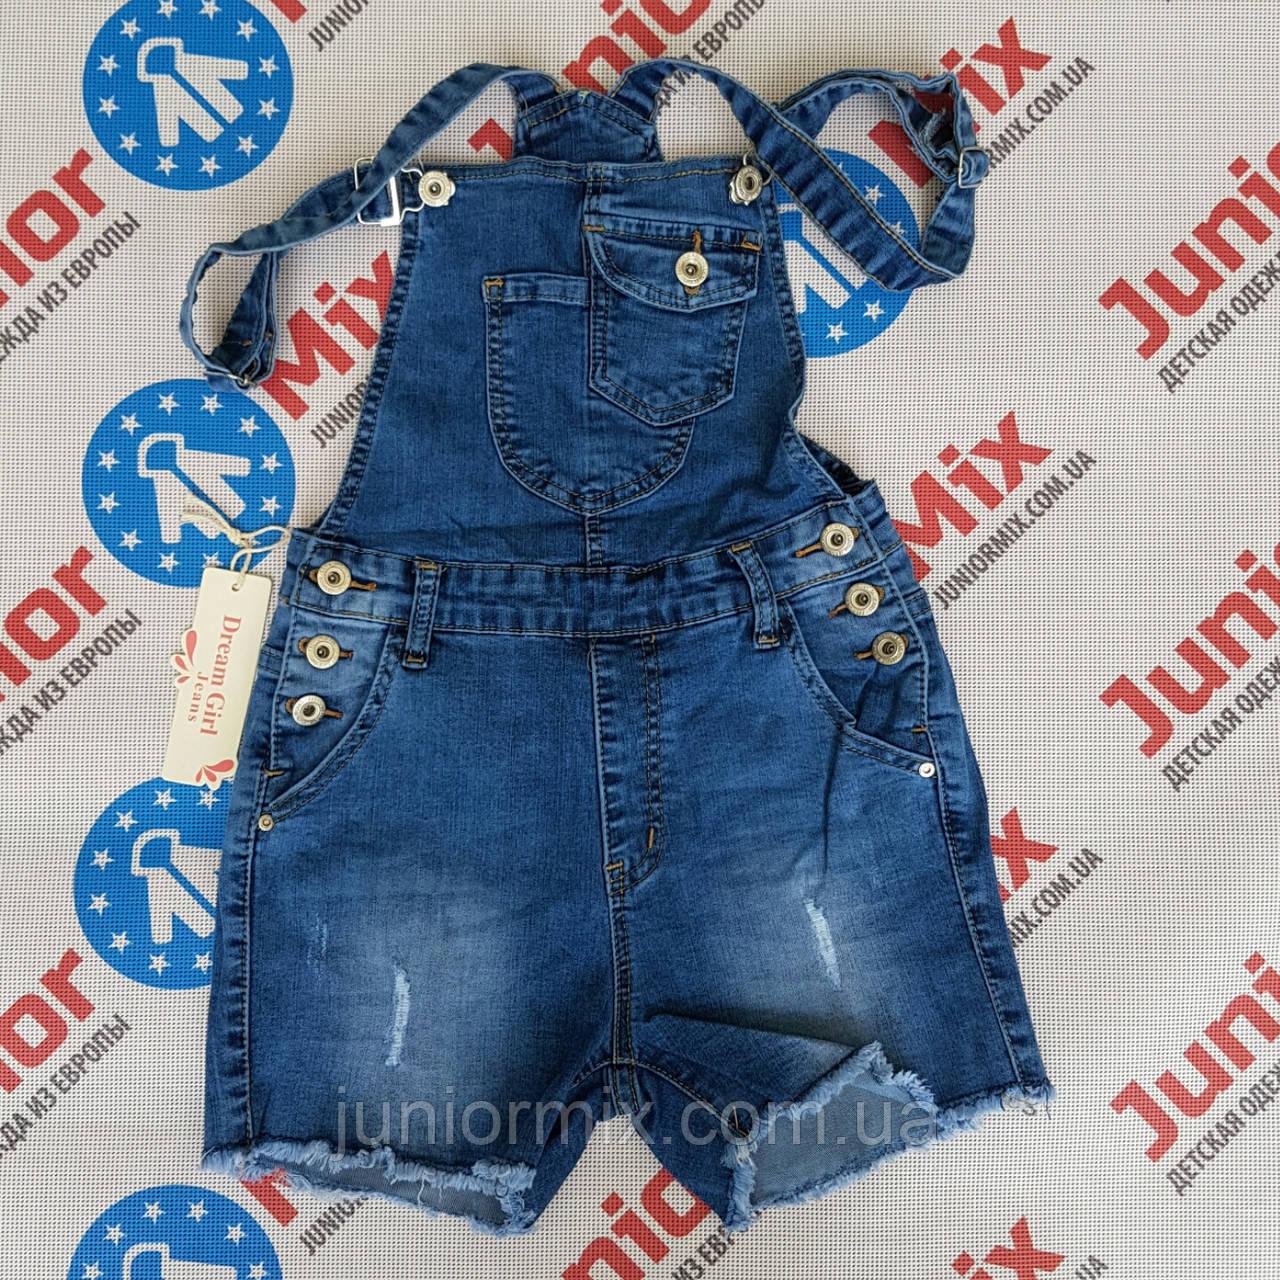 Джинсовые шорты комбинезоны на девочку Dream Girl